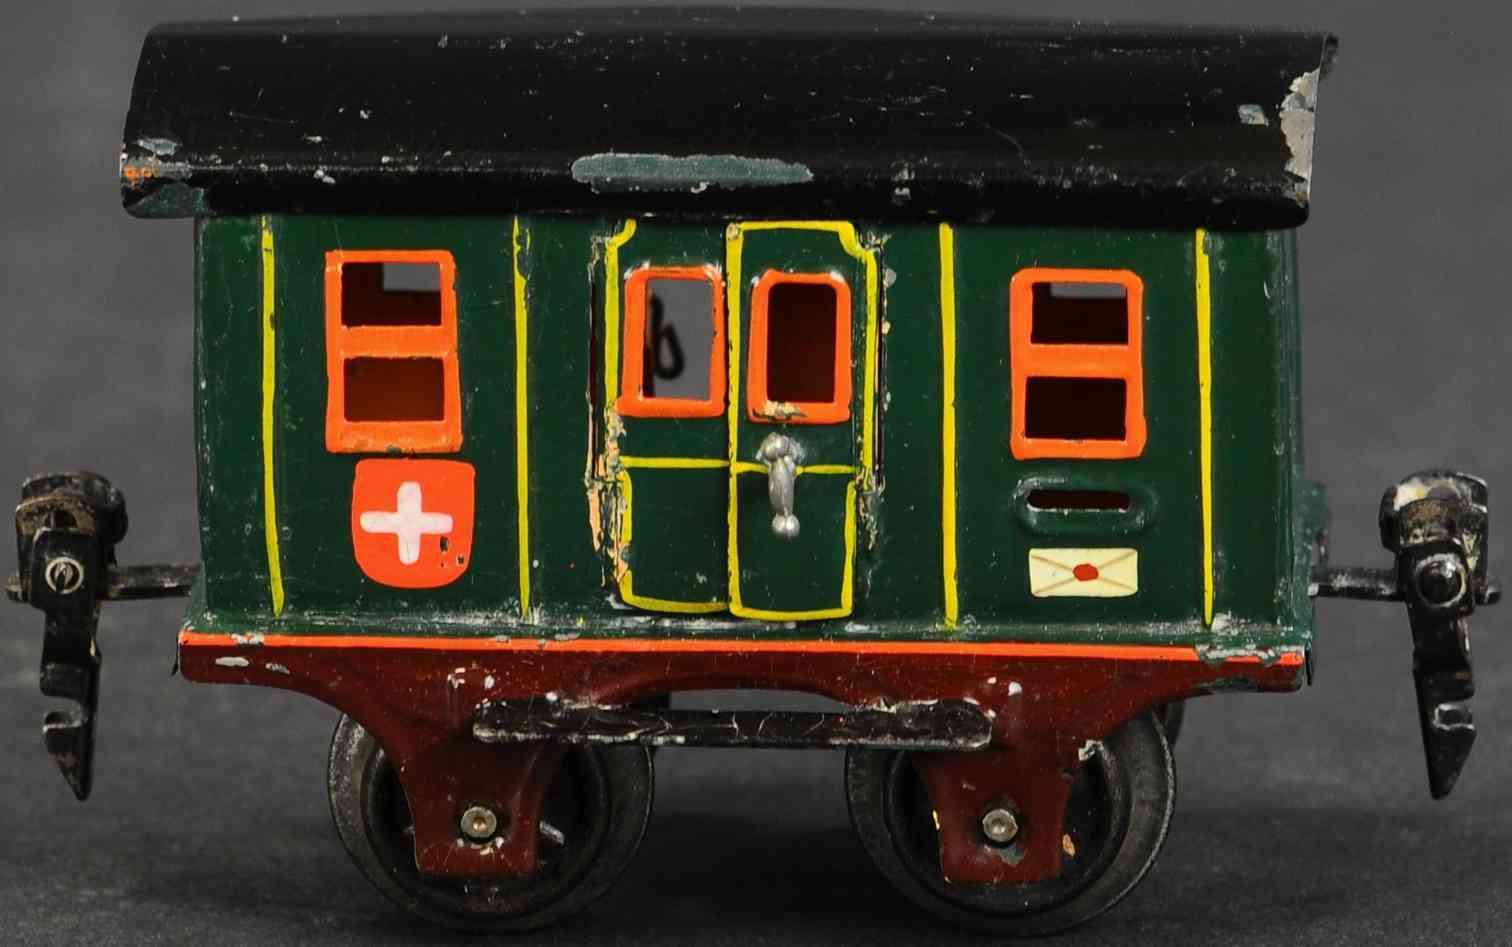 maerklin 1802/0 spielzeug eisenbahn schweizer postwagen spur 0